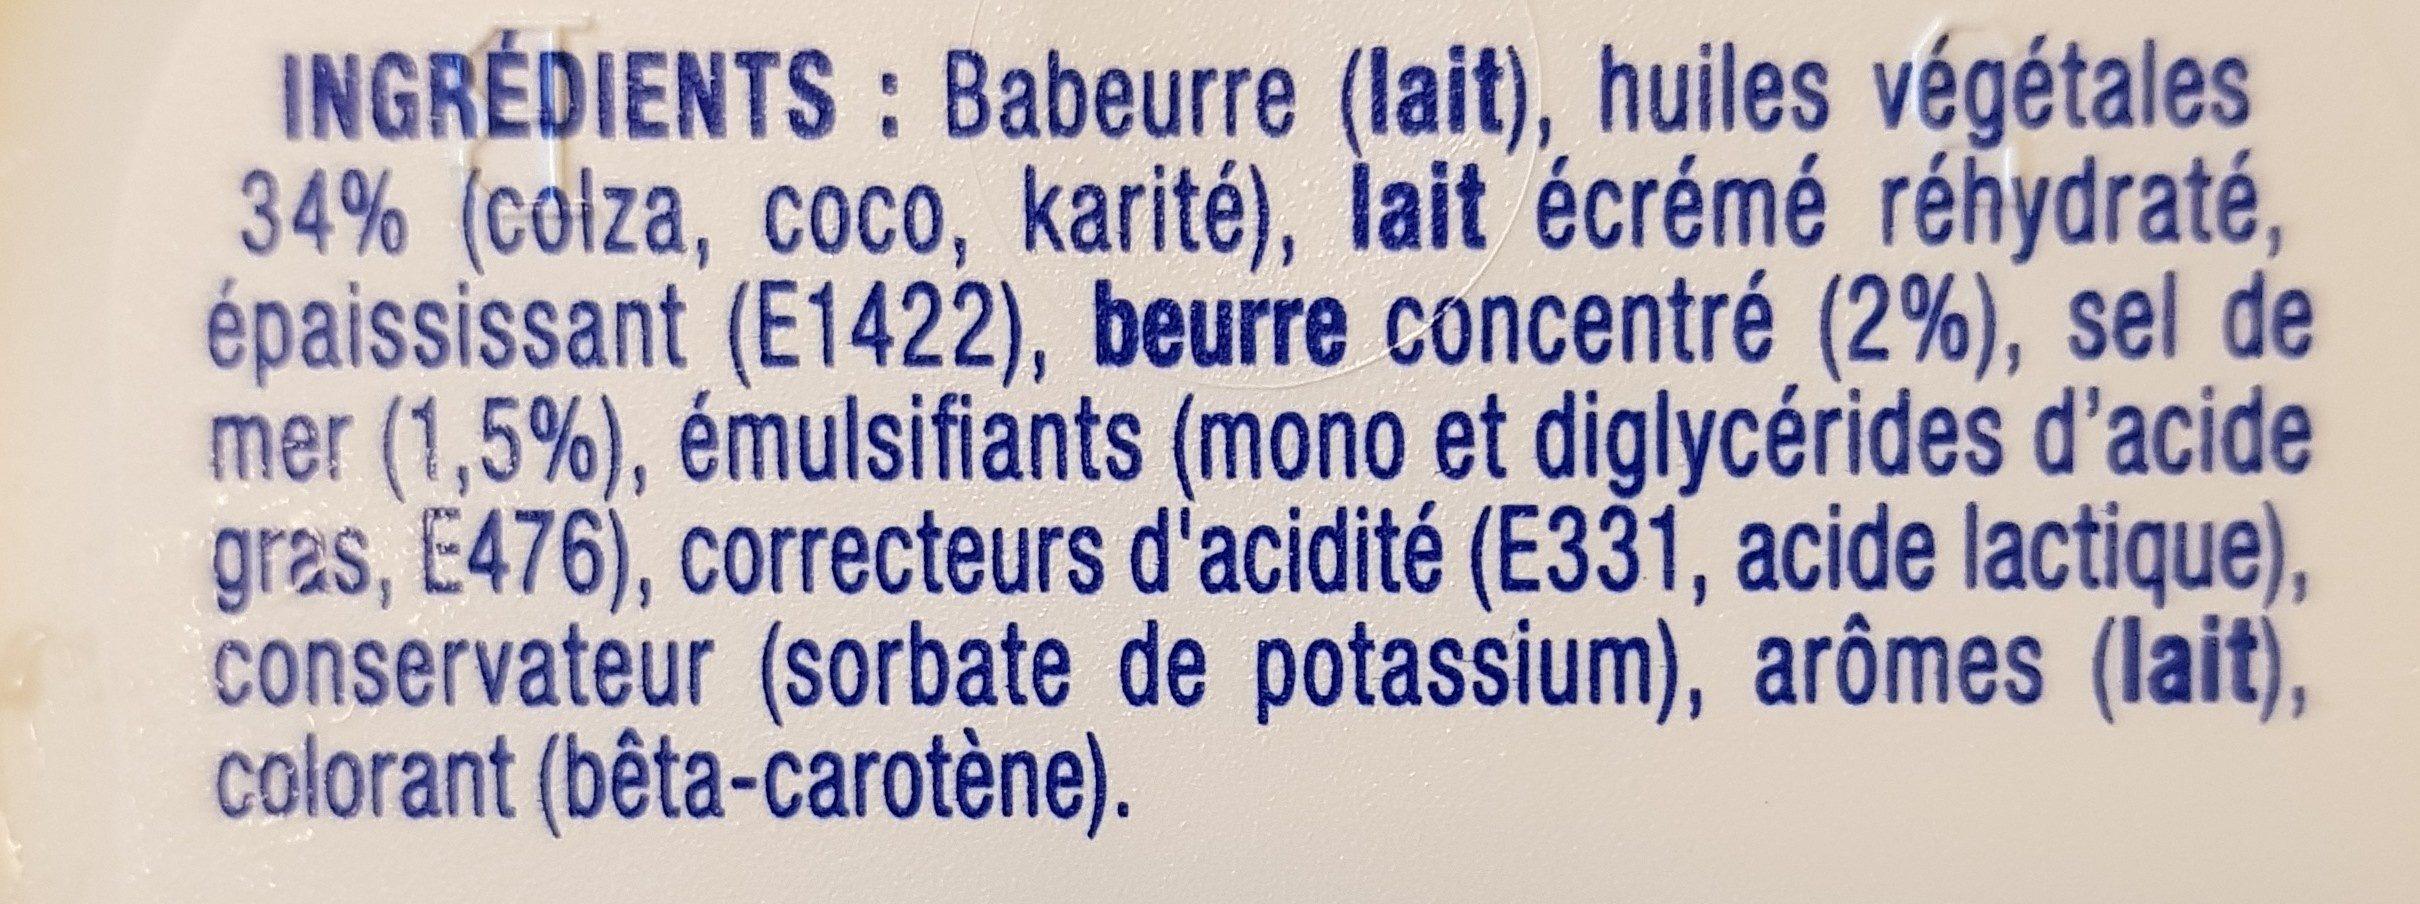 St Hubert 41 sans huile de palme sel de mer - Ingrédients